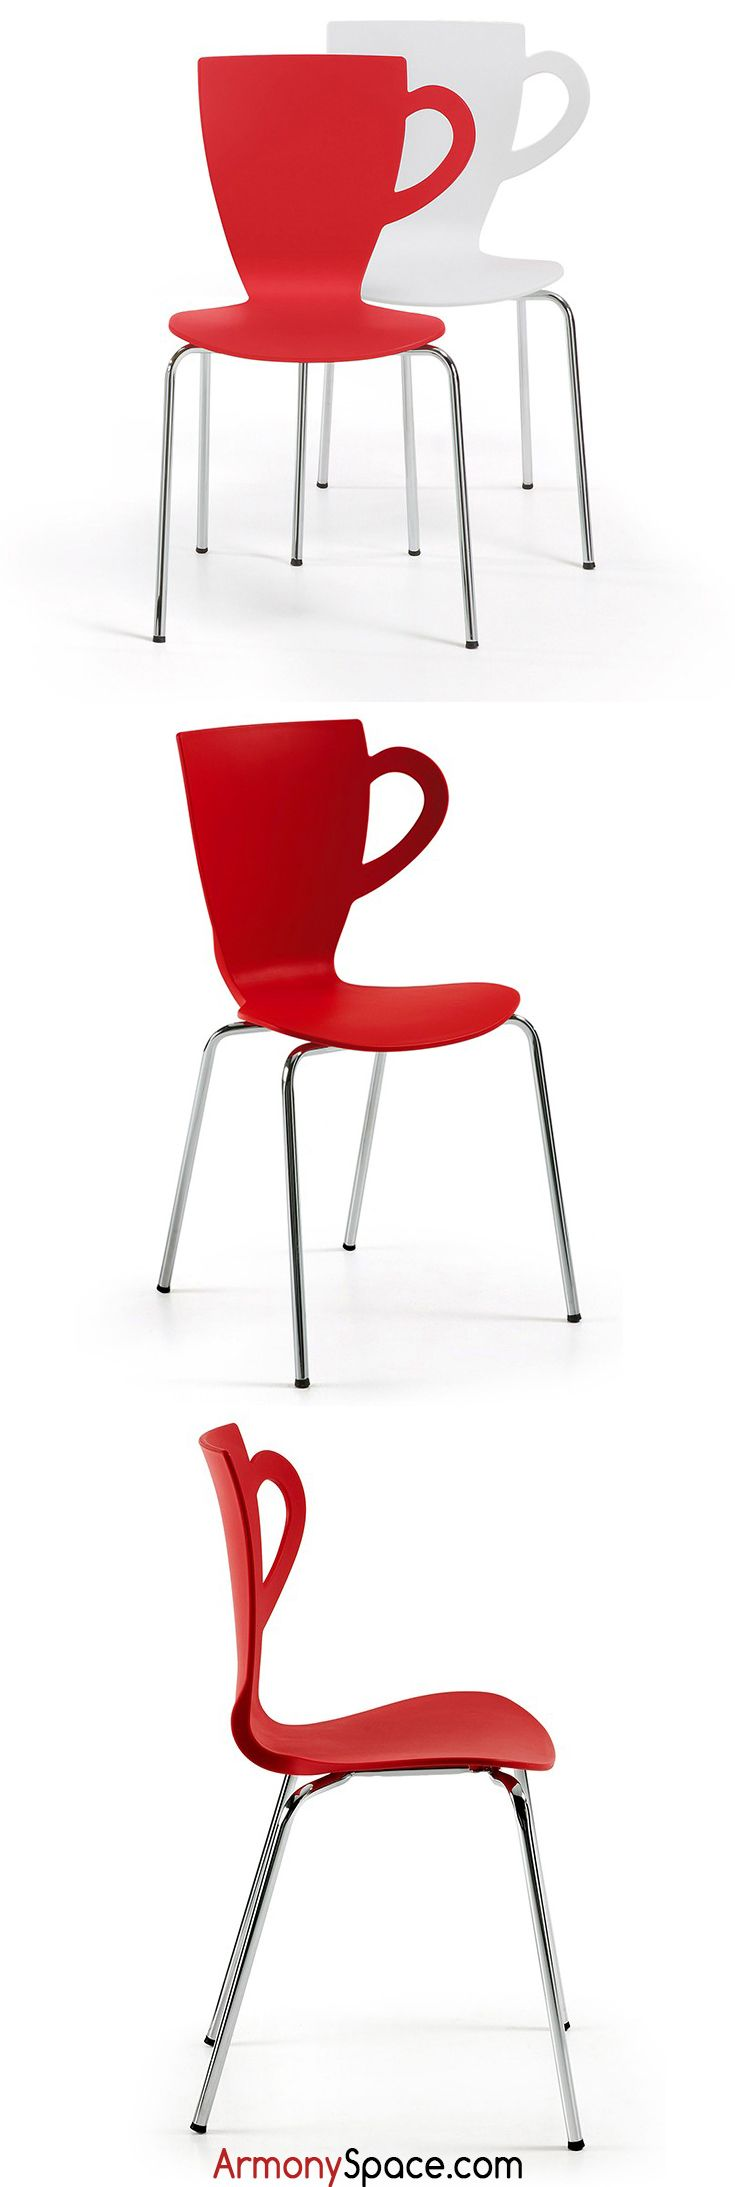 Original Silla apilable en forma de taza Yulma · Original cup-shaped Stackable chair Yulma. Disponible en color rojo y blanco. 86x50,5x53 www.armonyspace.com